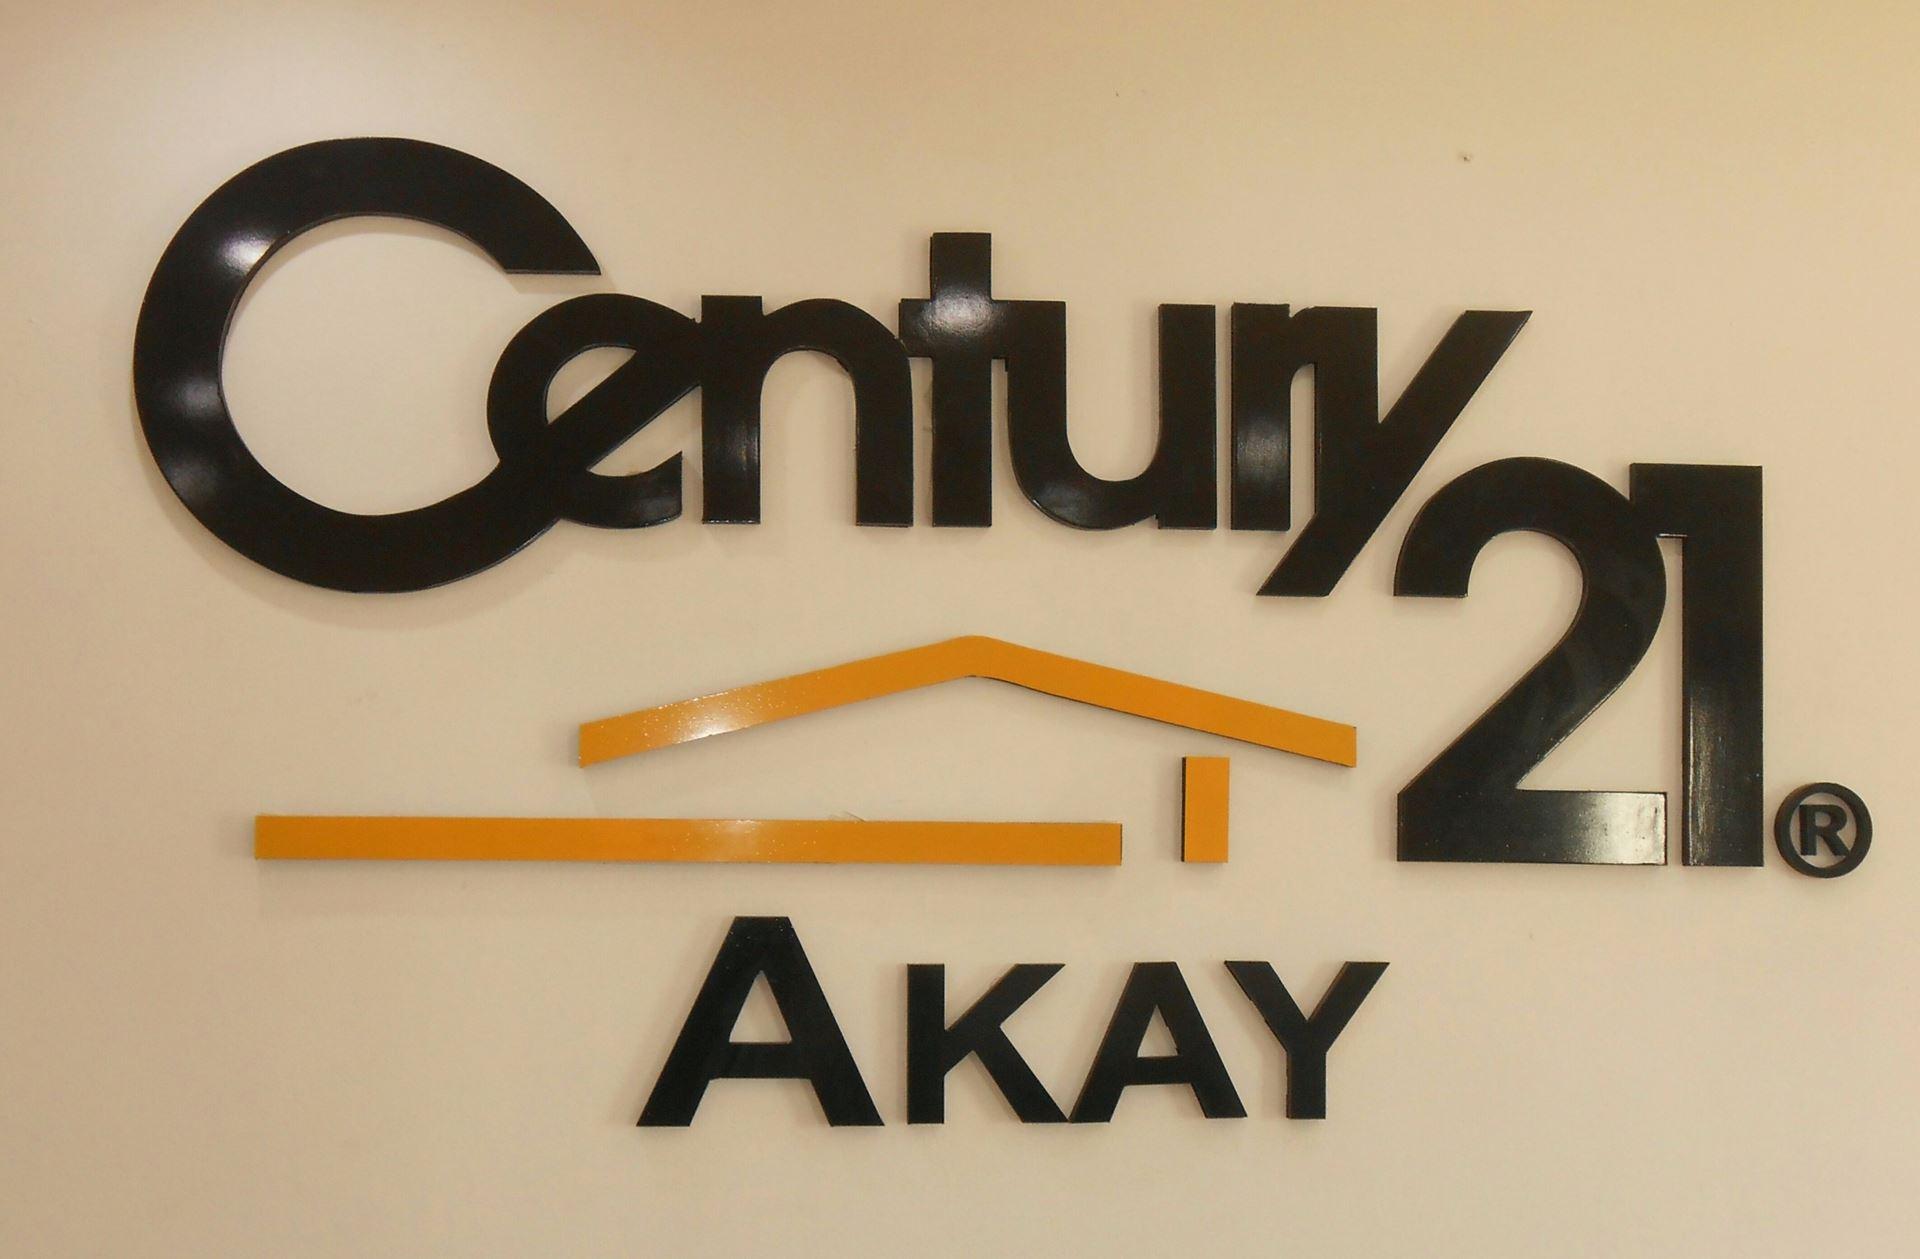 CENTURY 21 Akay